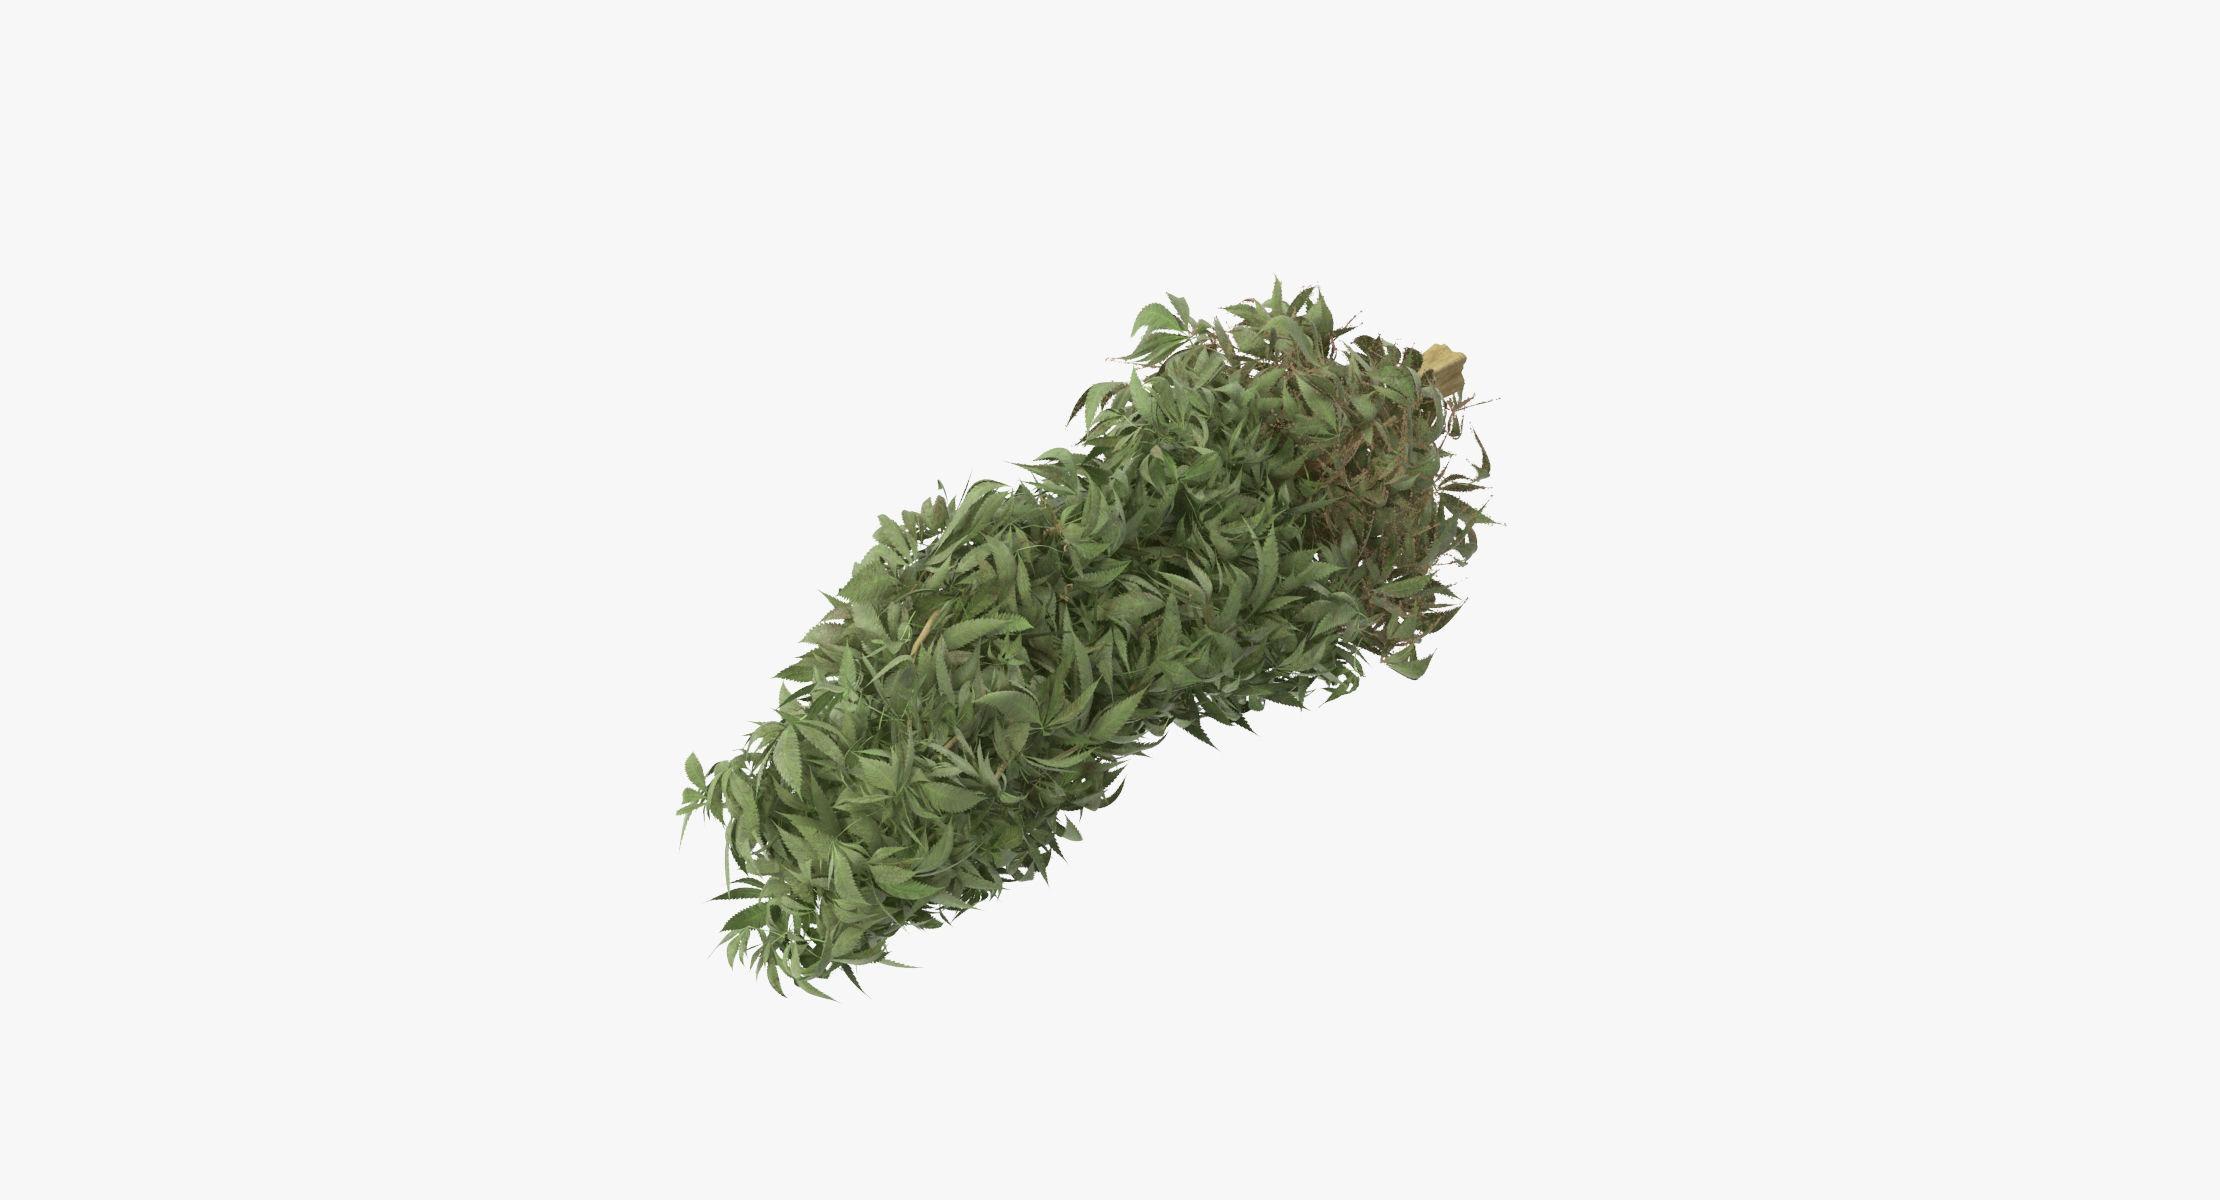 Marijuana Bud 01 02 - reel 1